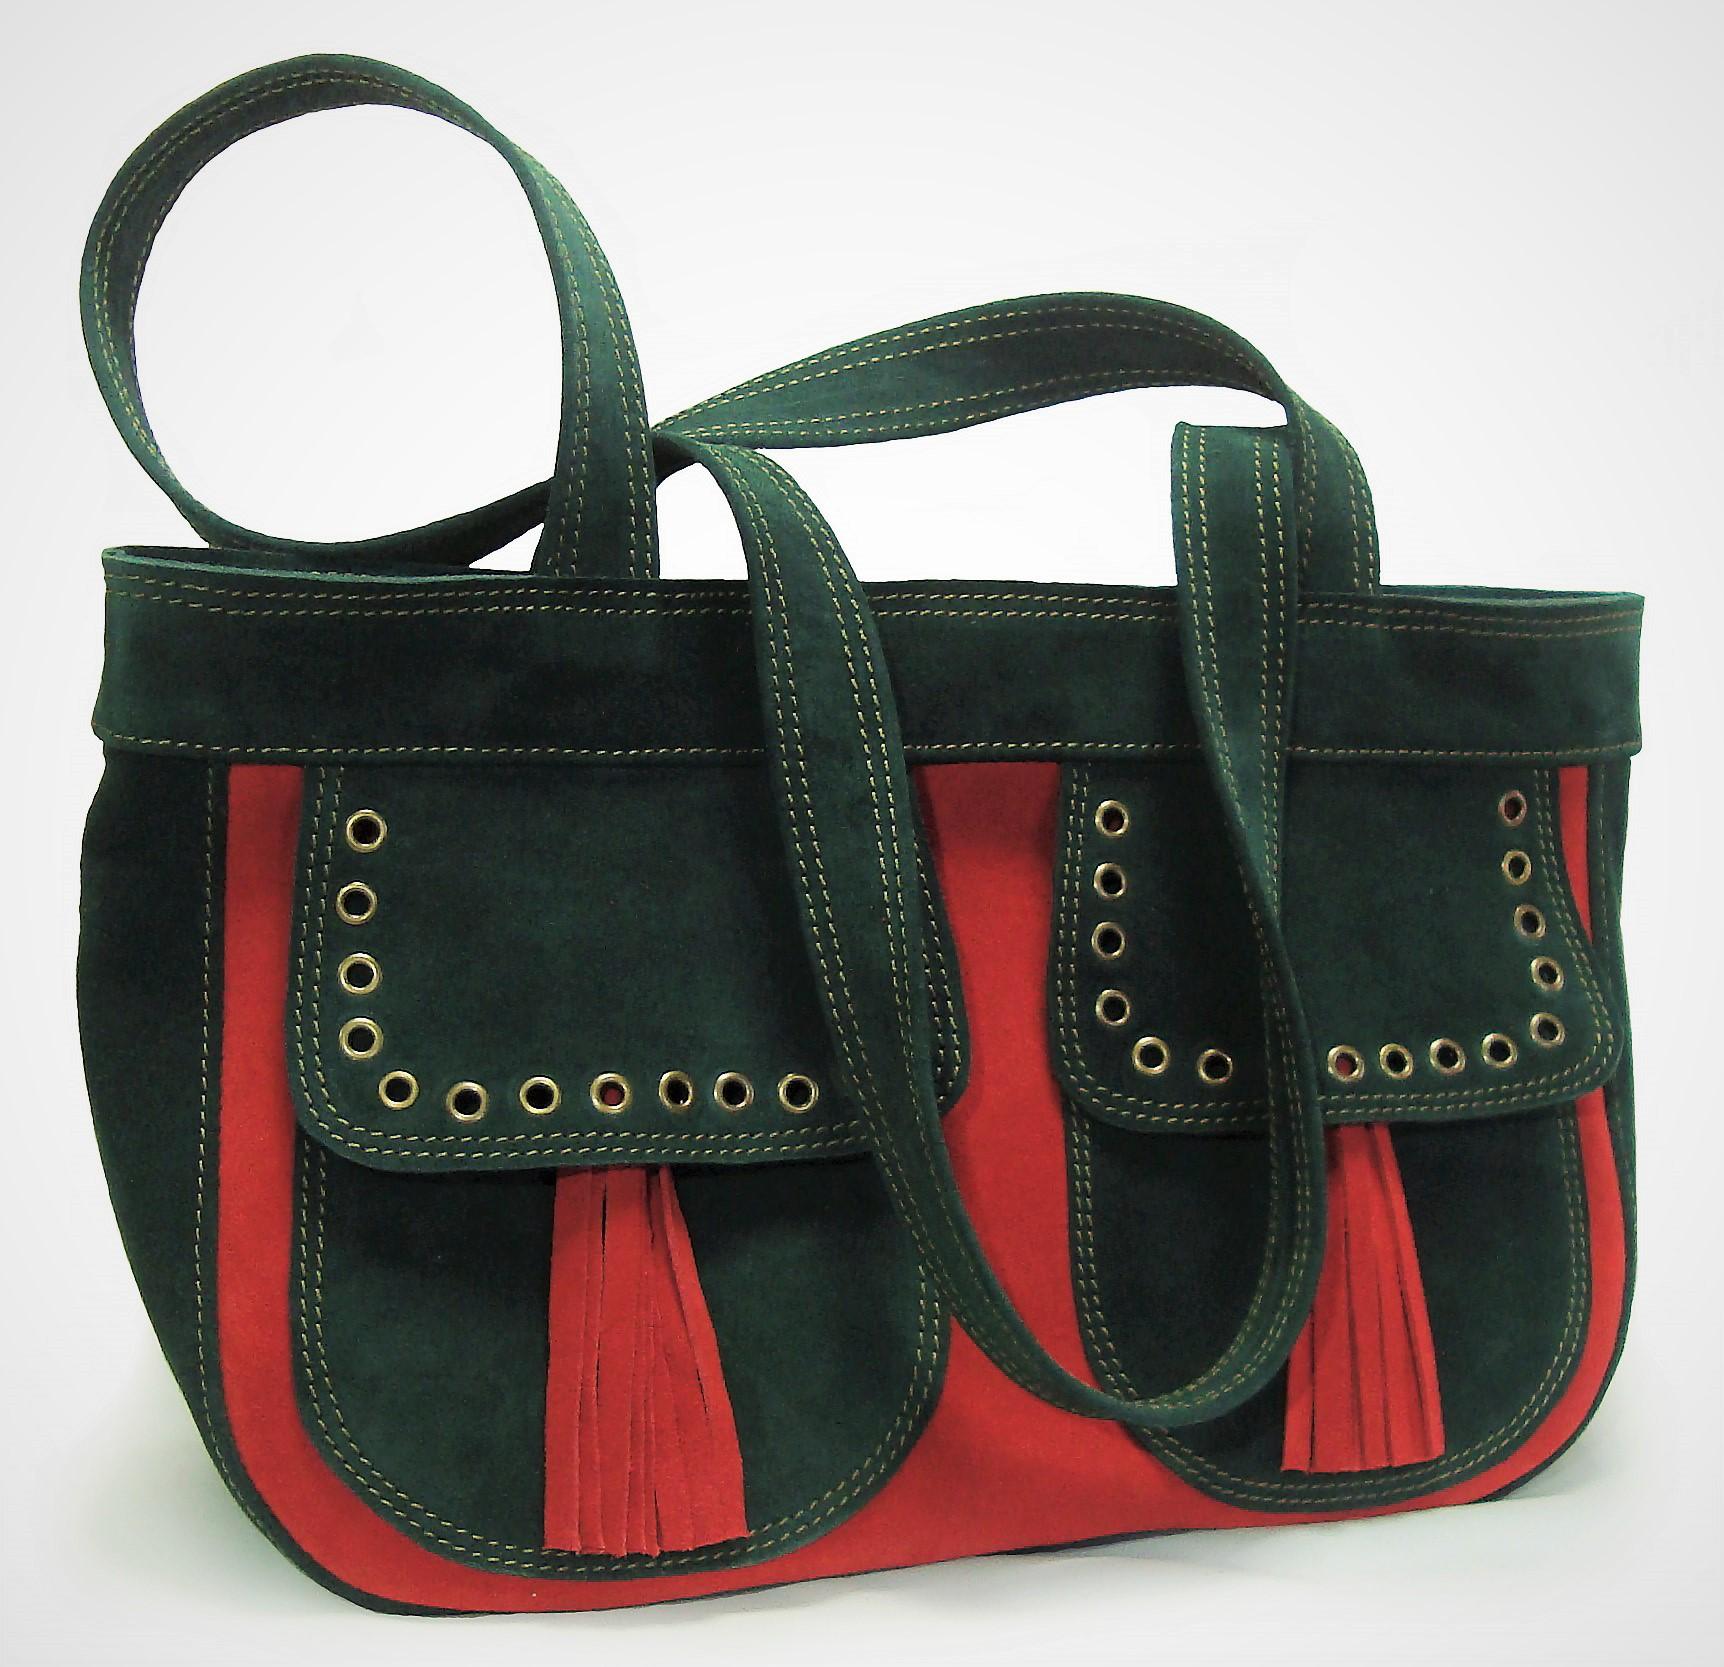 Сумка Модель № 28-2Сумки и др. изделия из кожи<br>Высота сумки:26 см<br>Ширина сумки:39 см<br>Ширина дна:13 см<br>Длинна ручек:65 см<br><br>Тип: Сумка<br>Размер: -<br>Материал: Натуральная кожа